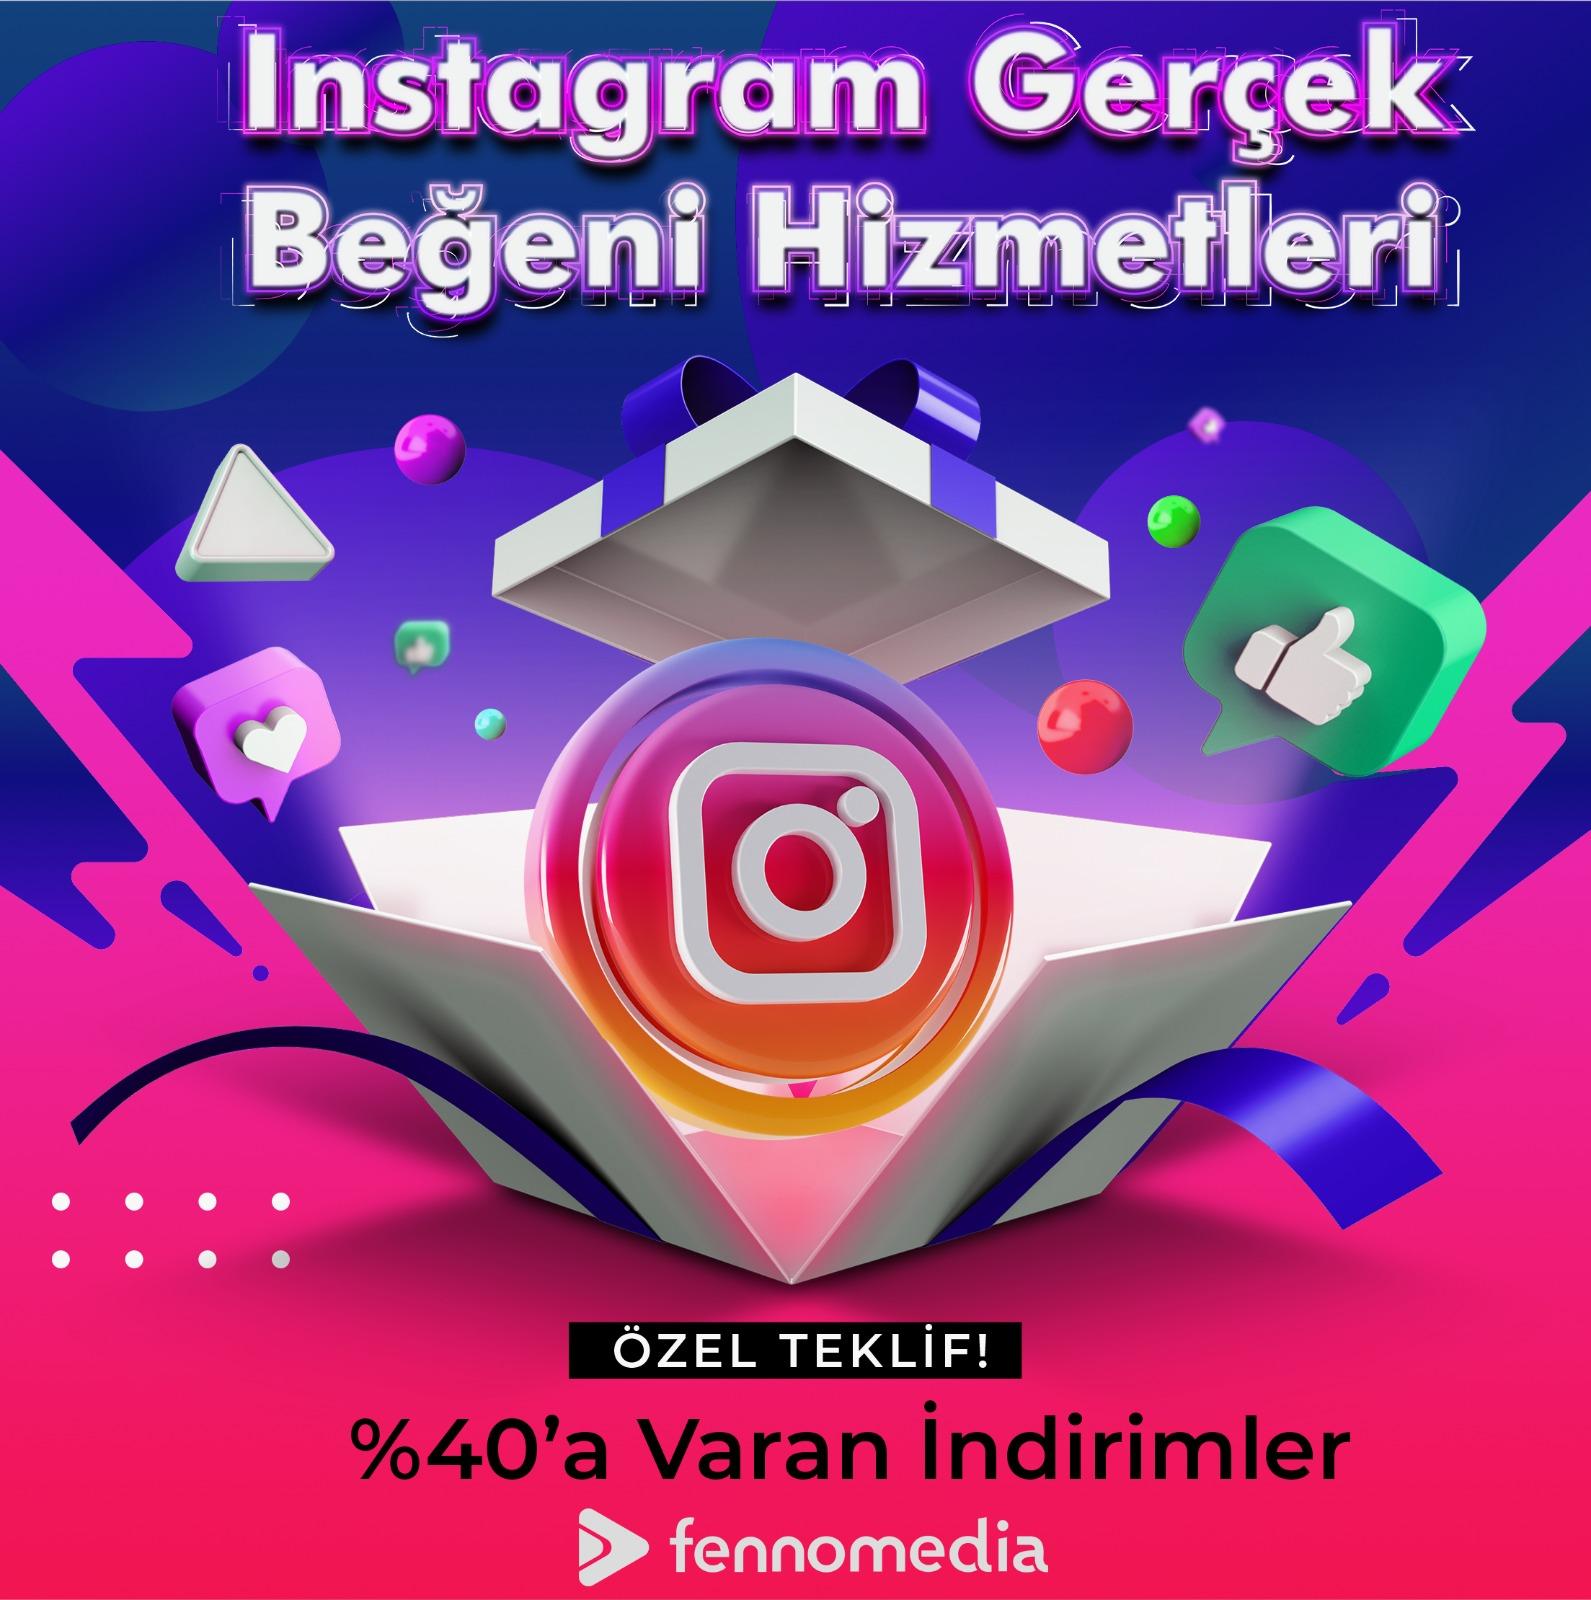 Instagram gerçek beğeni satın al